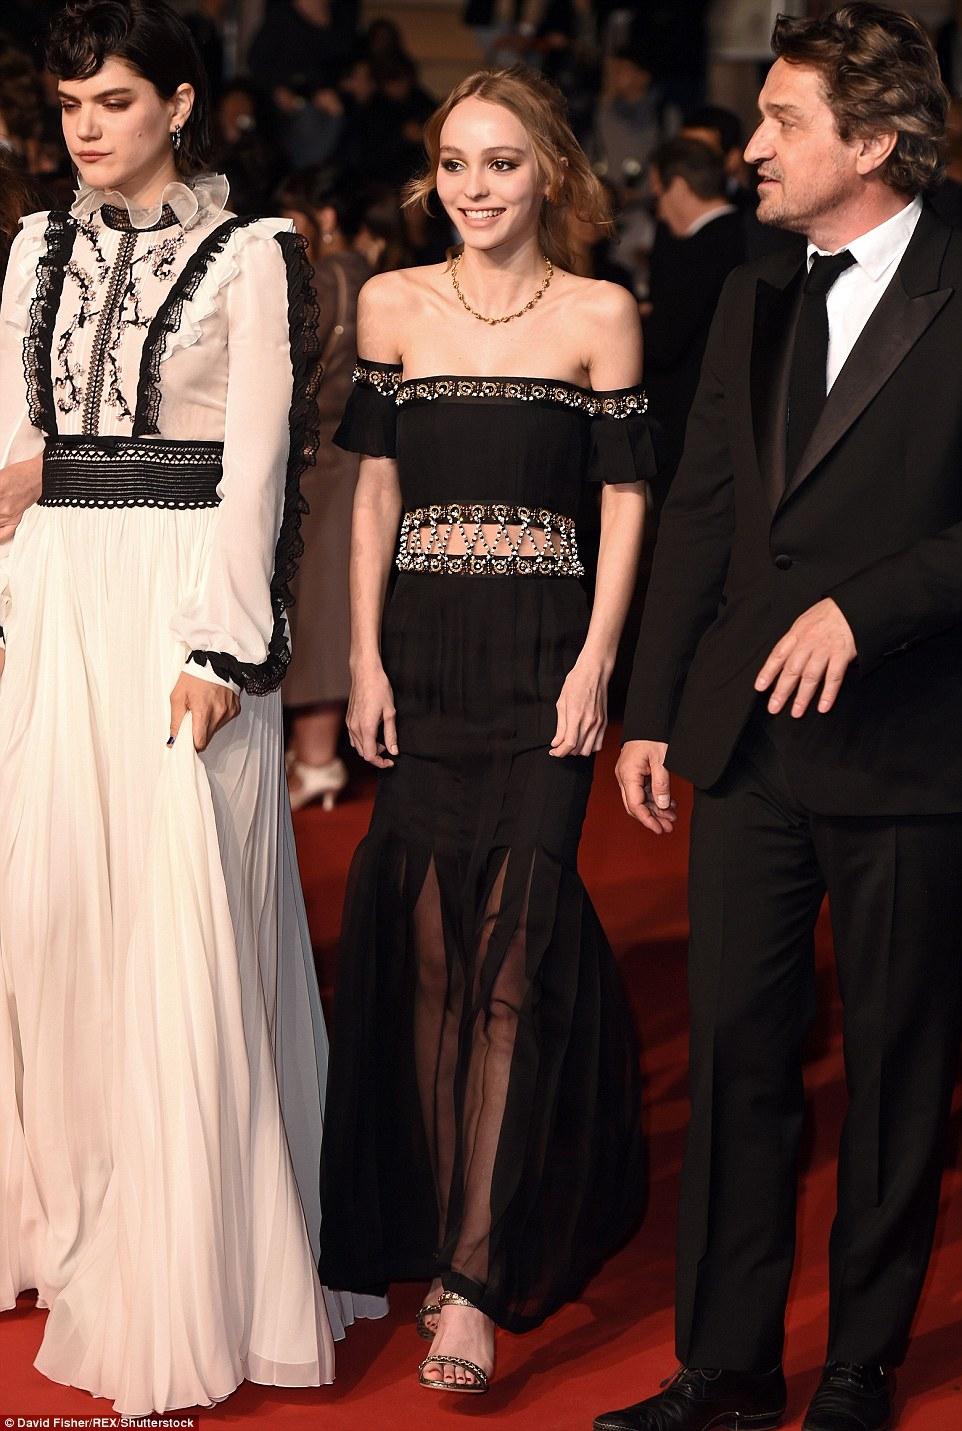 一家都是高顏值!強尼戴普之女Lily-Rose Depp堪稱坎城搶鏡王